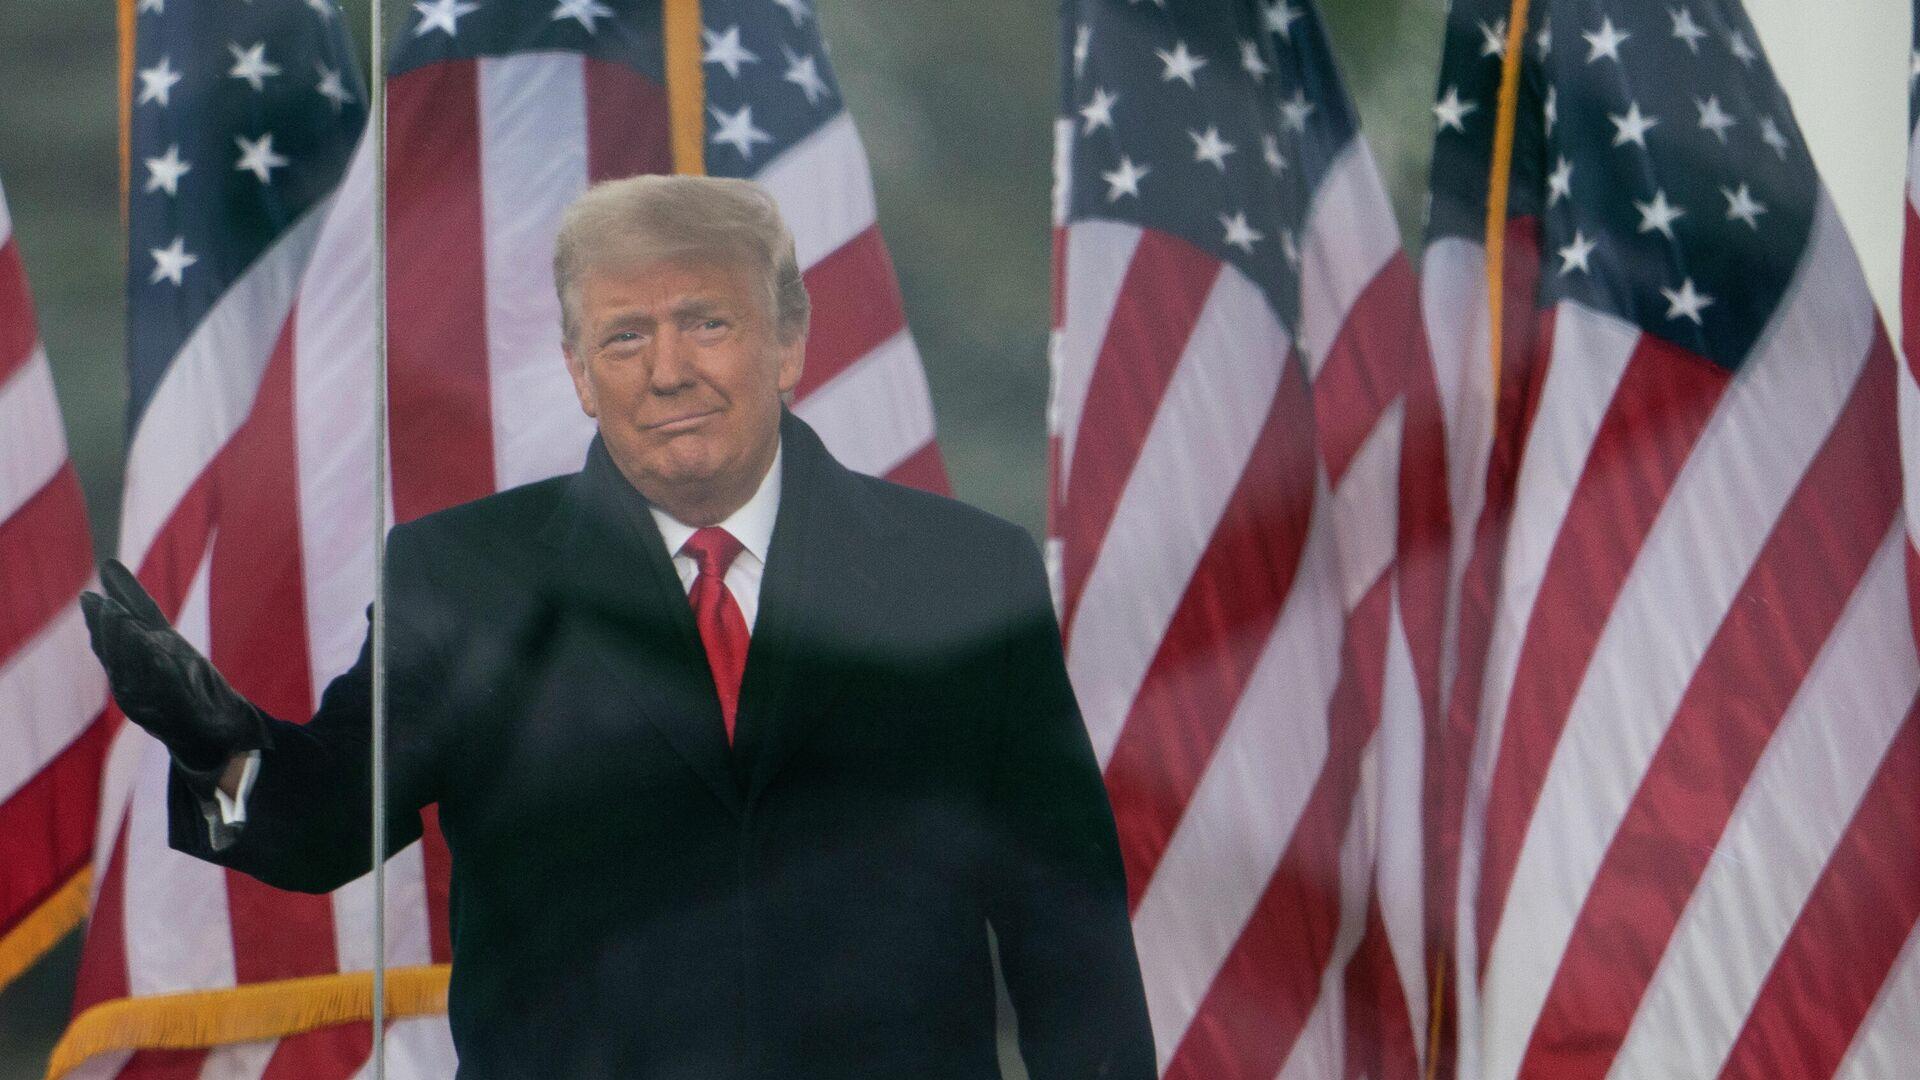 Президент Дональд Трамп выступает на митинге в Вашингтоне - РИА Новости, 1920, 08.01.2021